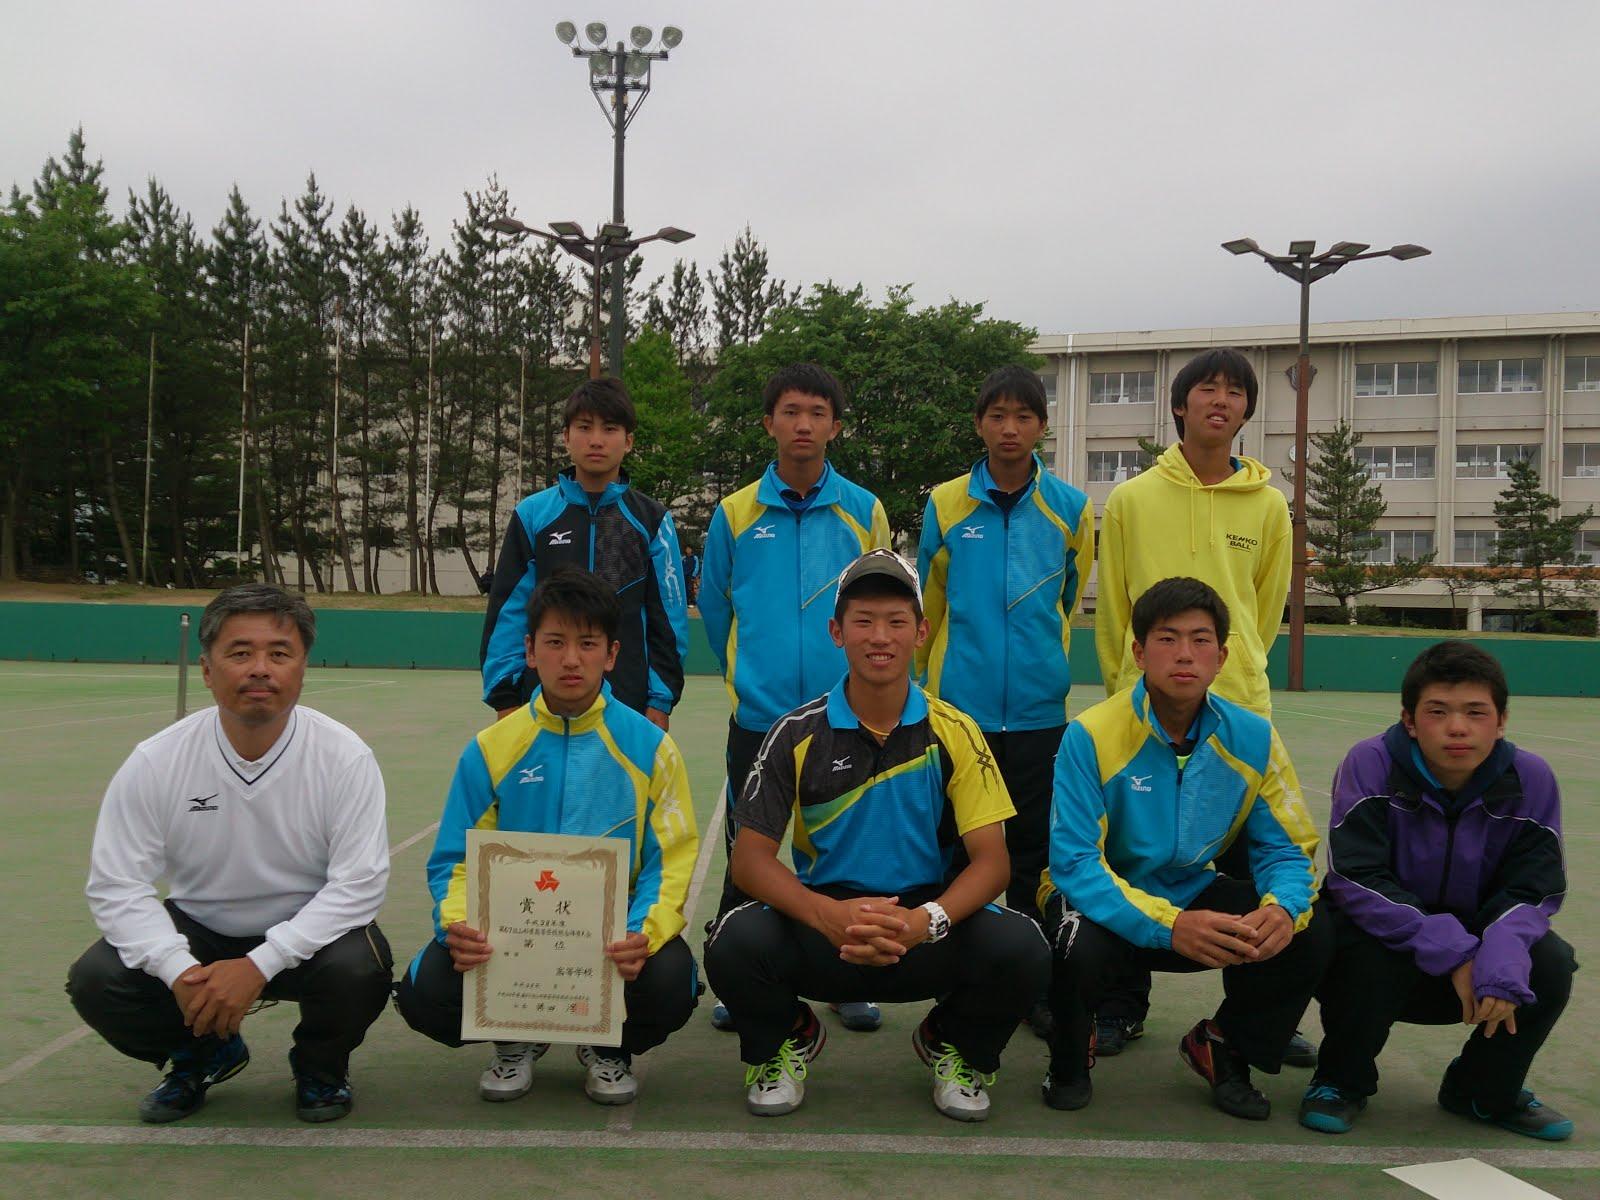 羽黒高校 男子ソフトテニス部: 6月 2016